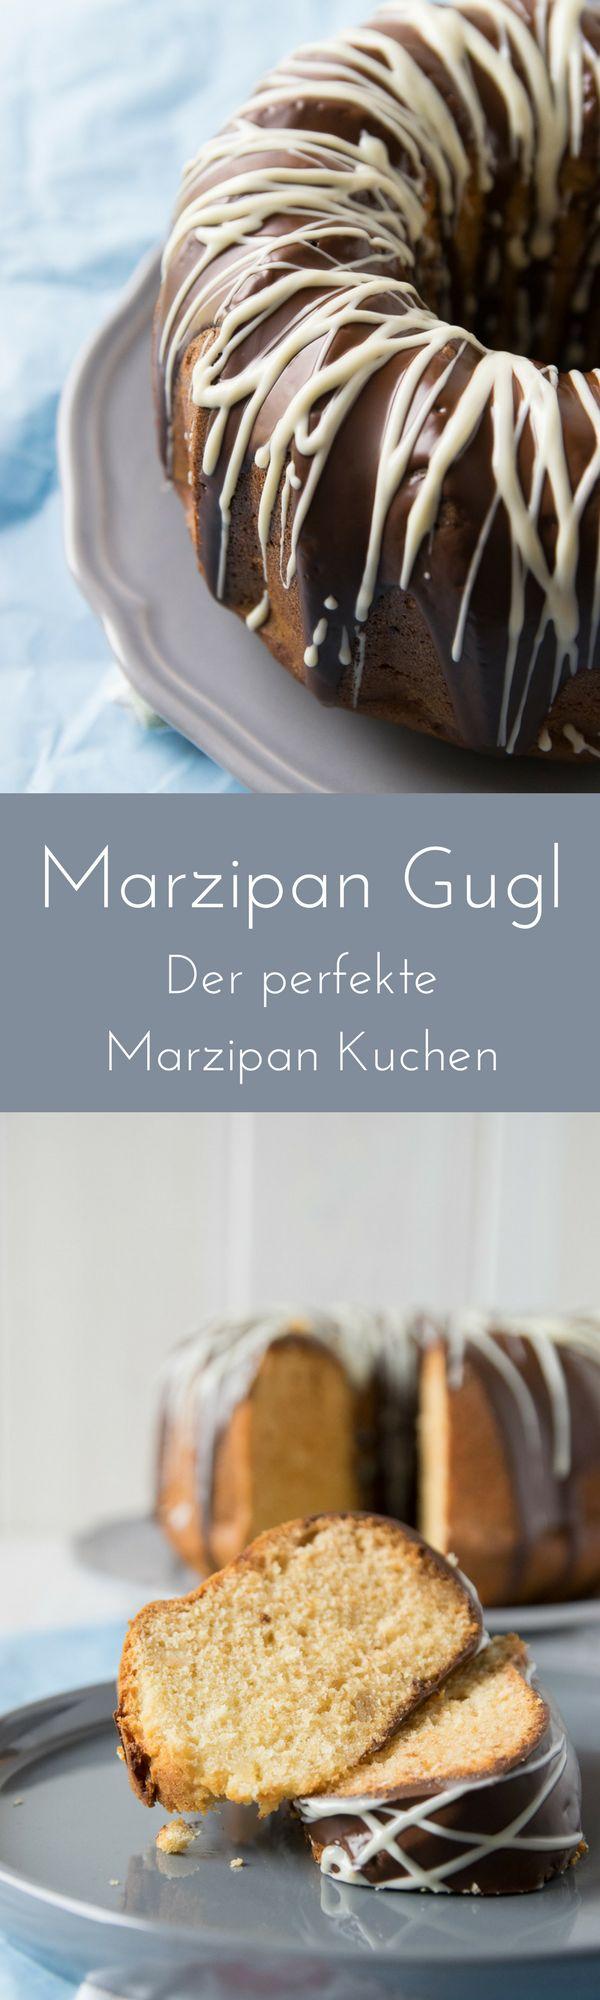 Einfaches Rezept für Marzipan Rührkuchen in Guglhupf Form